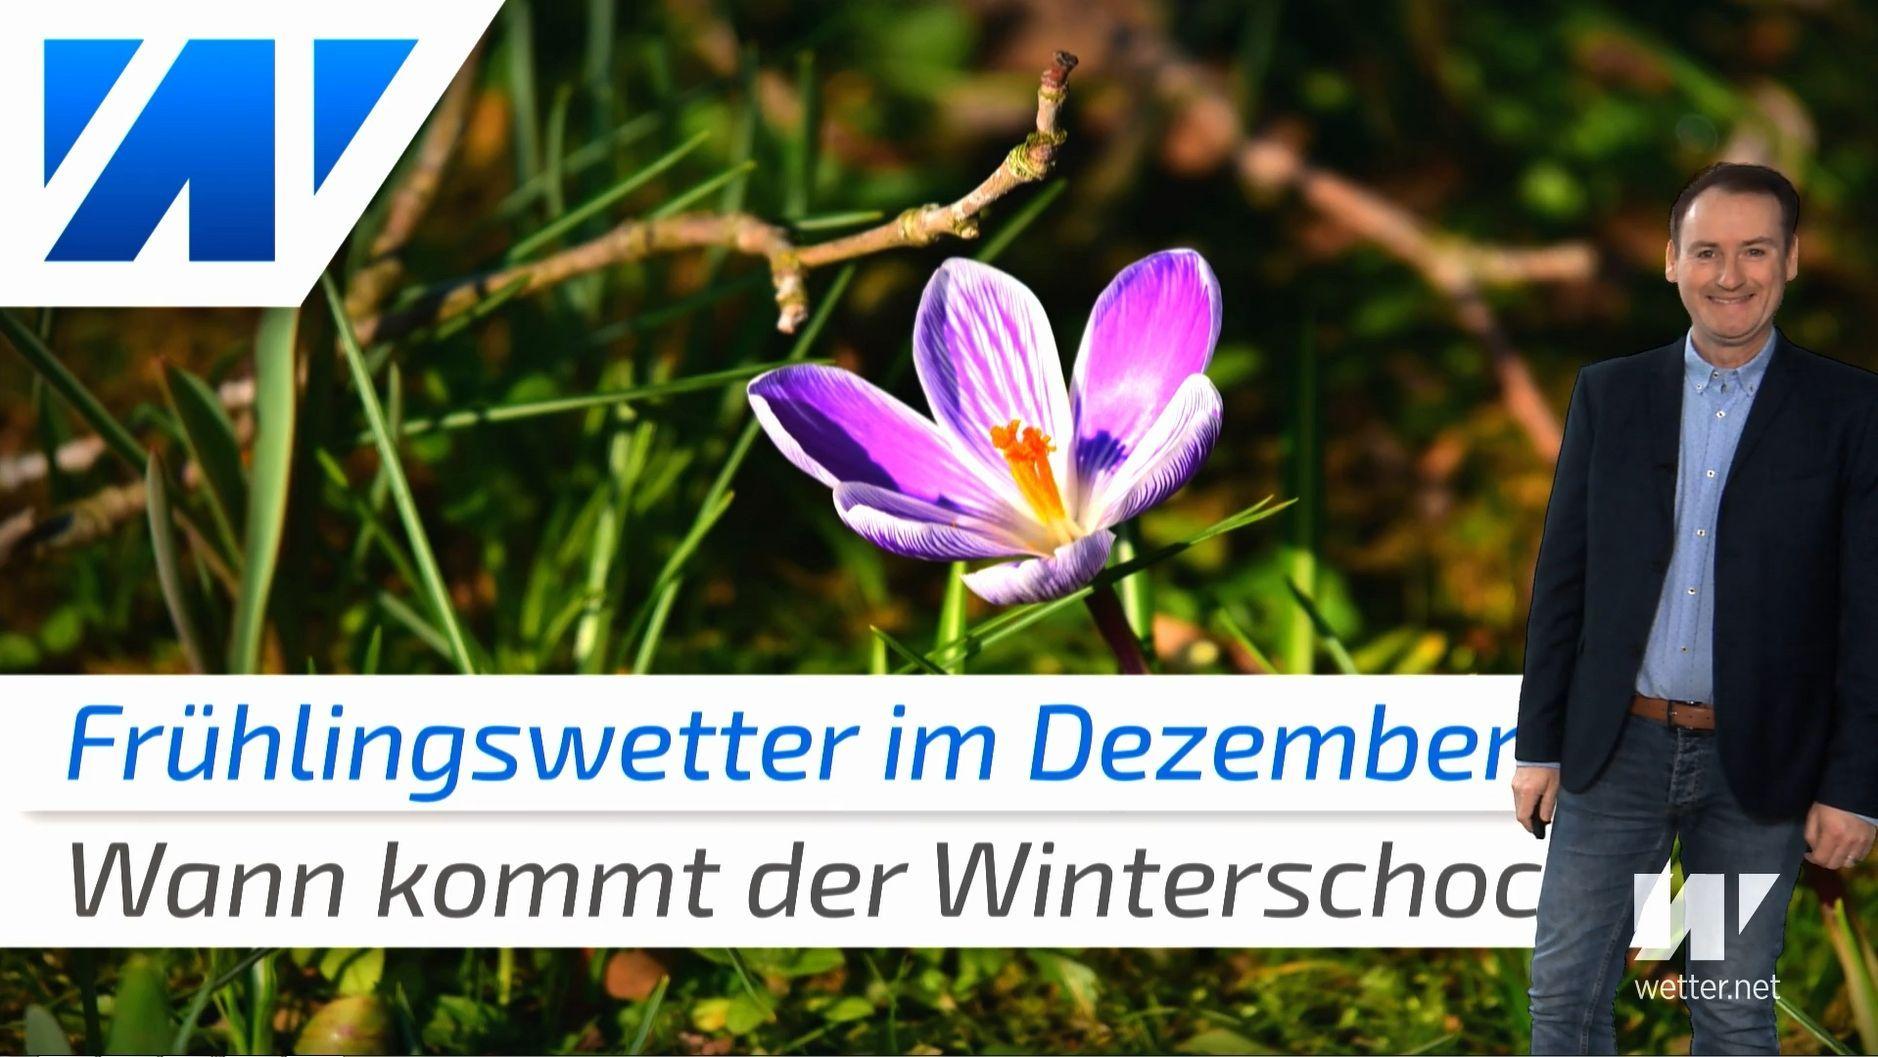 Winter-Schock nach Dezember-Frühling? Heute erneut bis 17 Grad warm!